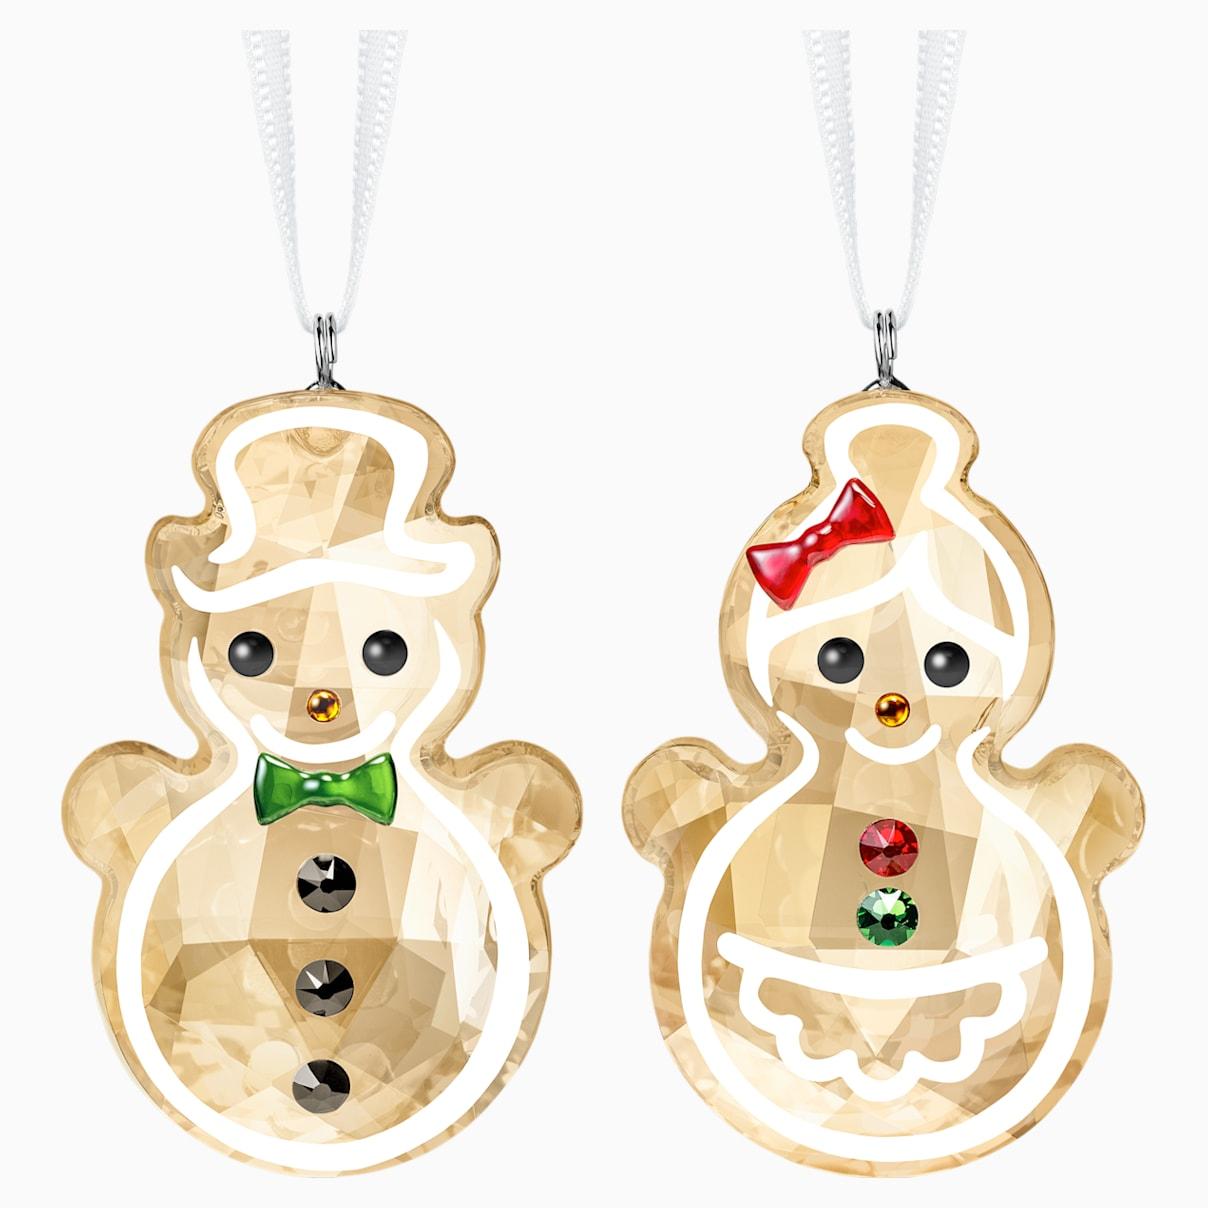 Décoration couple de bonhommes de neige pain d'Épices